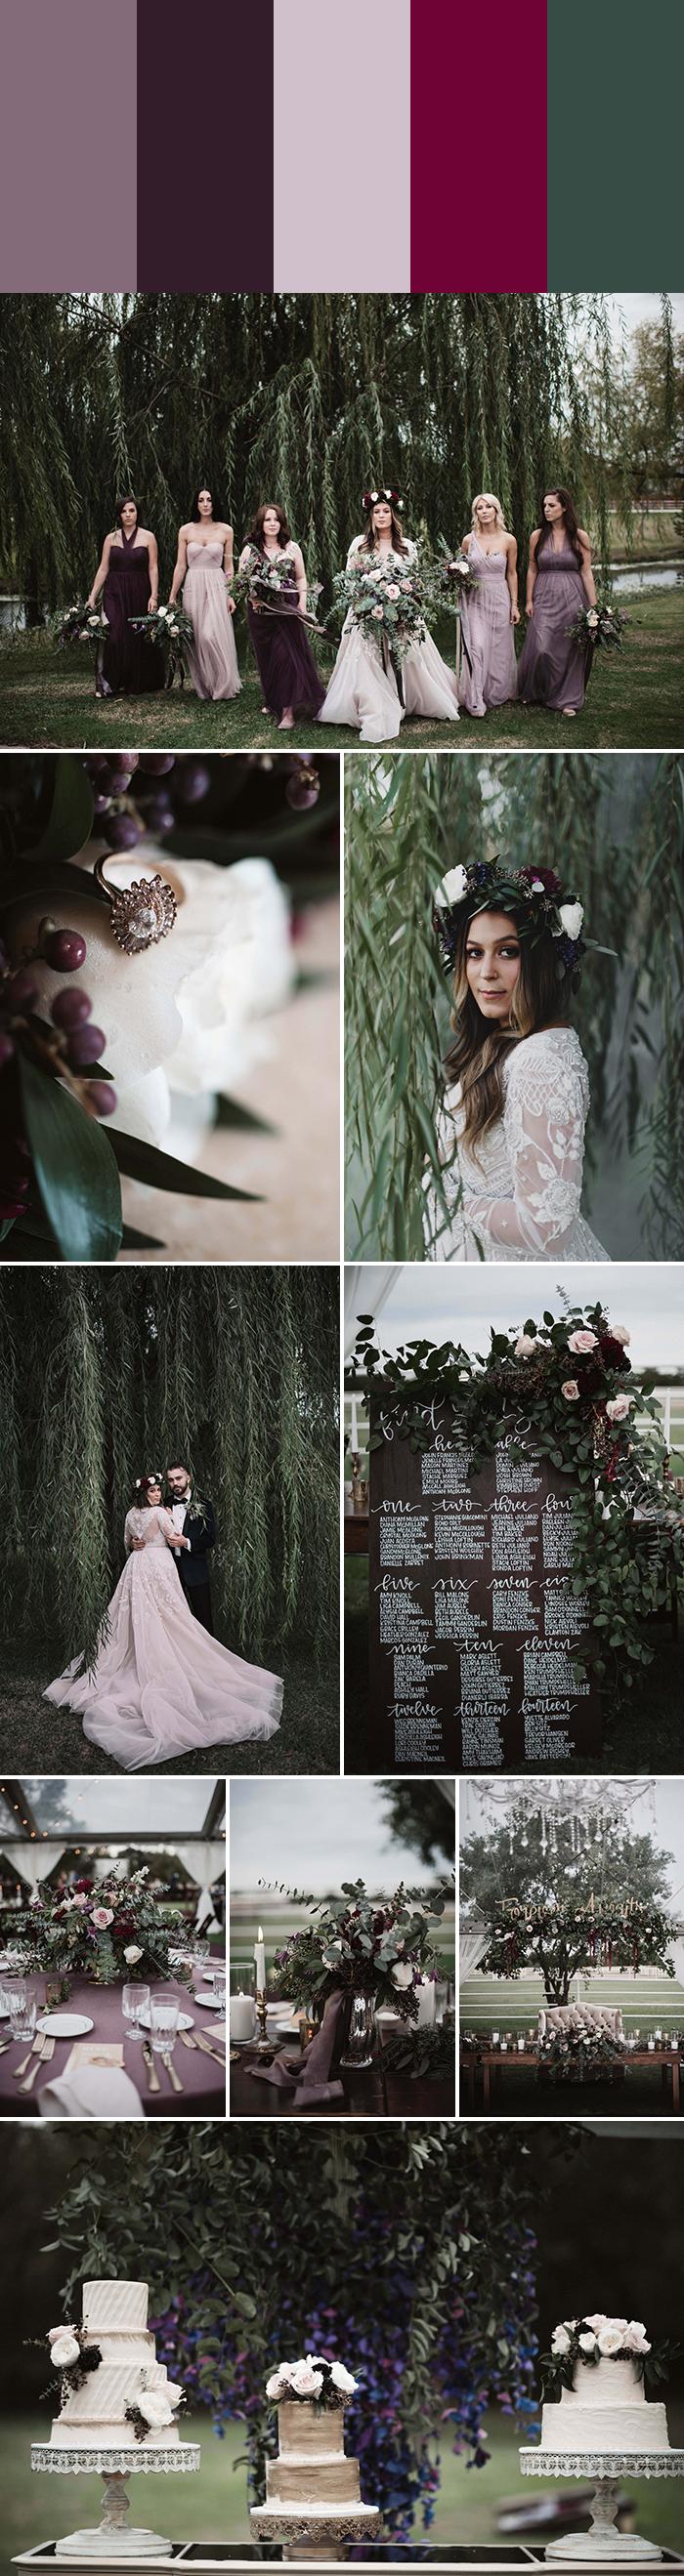 10 Elegant Wedding Color Palettes | Junebug Weddings